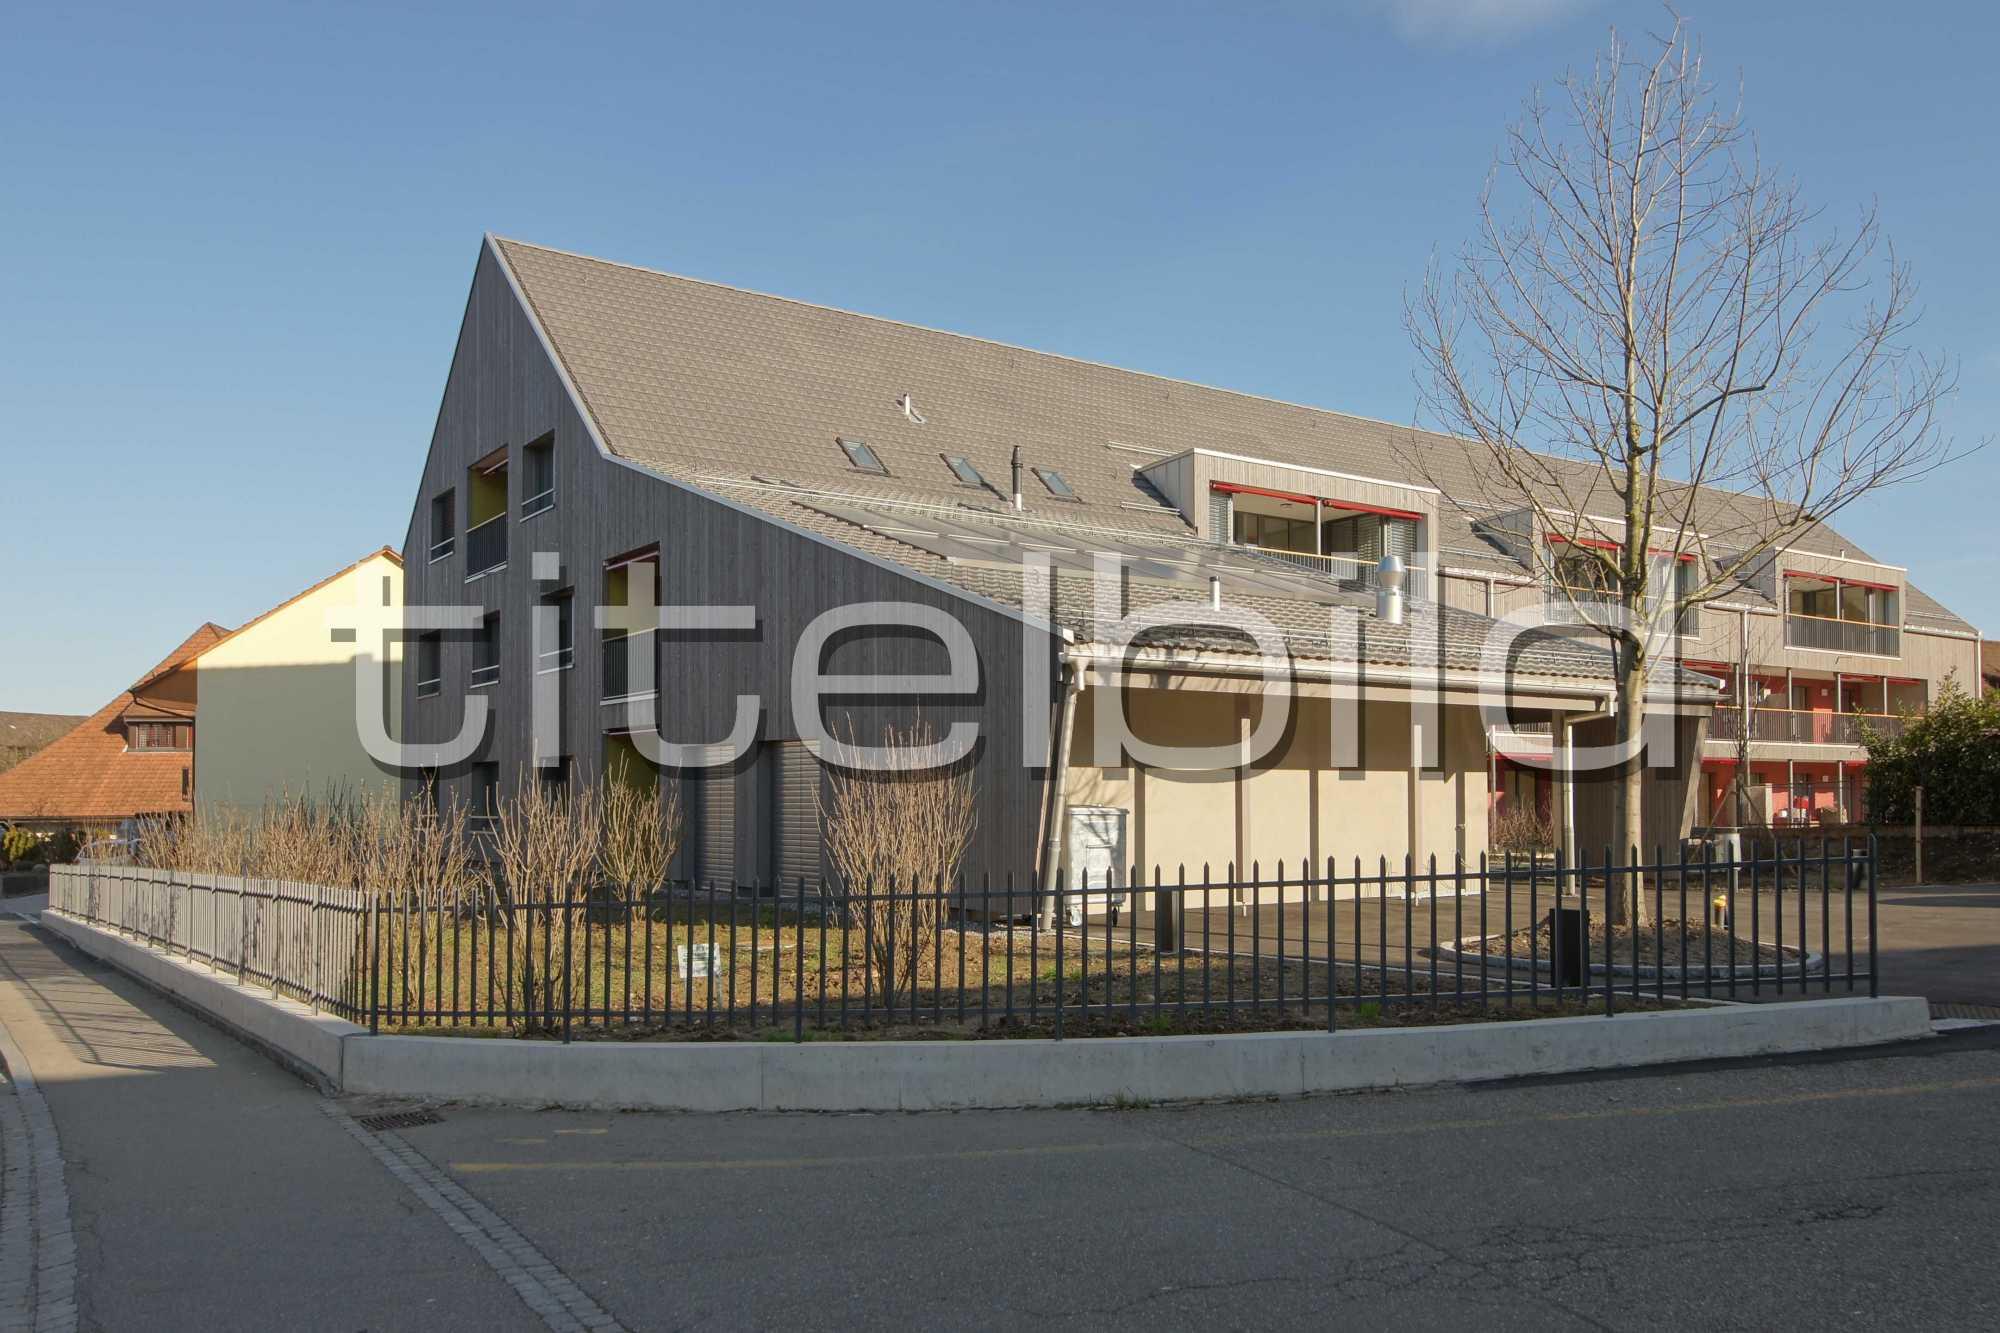 Projektbild-Nr. 1: Mehrfamilienhaus Kastanienbaum